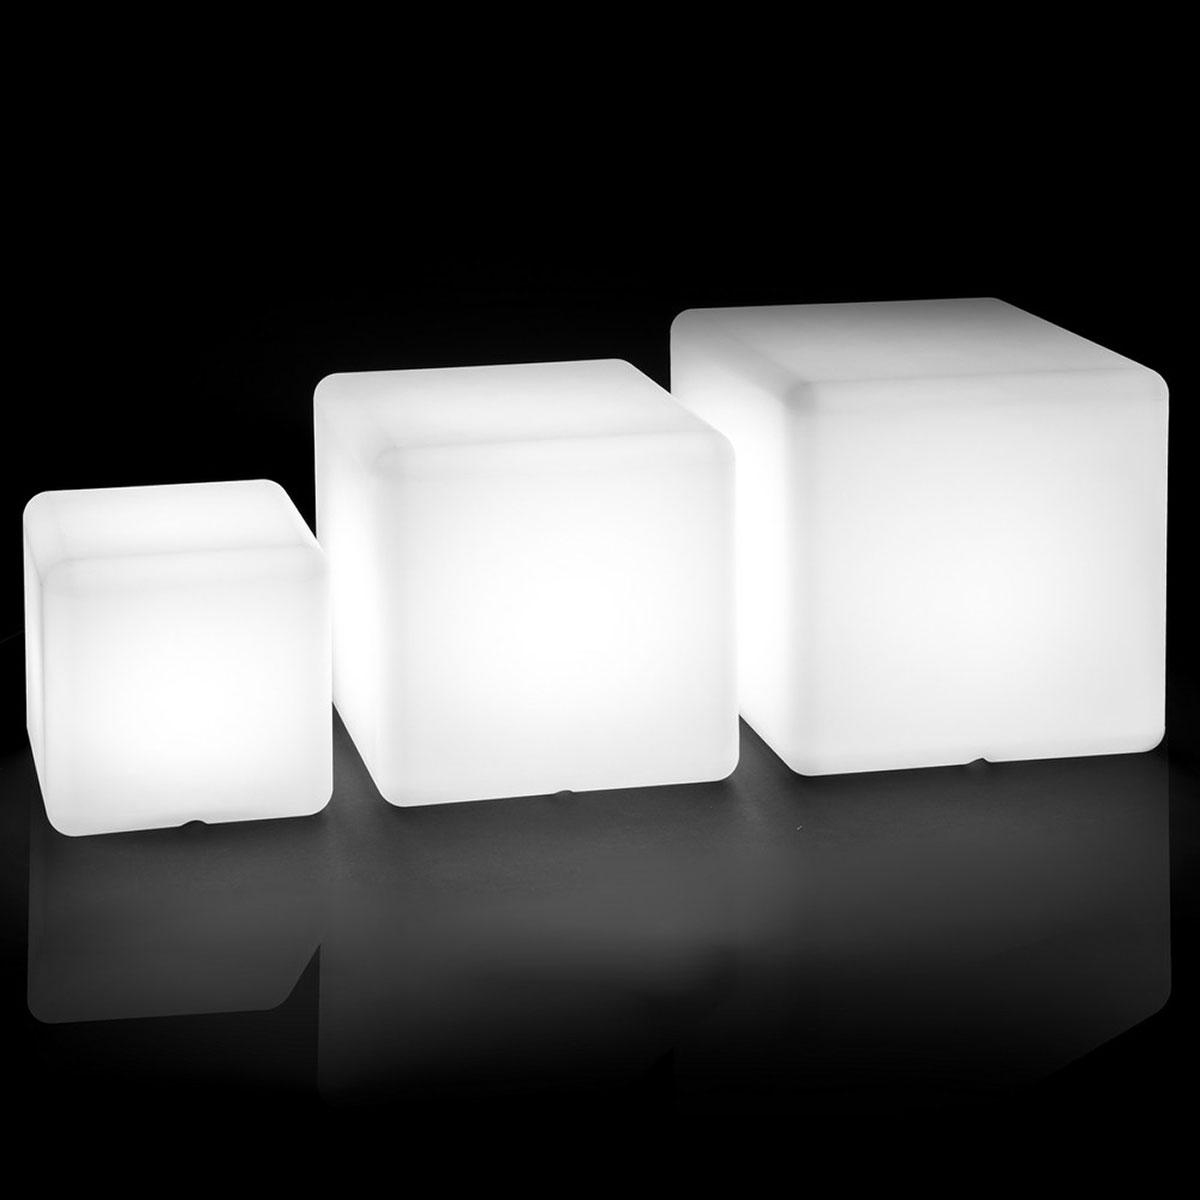 Cube lumineux d'extérieur décoratif - Blanc - 30.00 cm x 30.00 cm x 30.00 cm